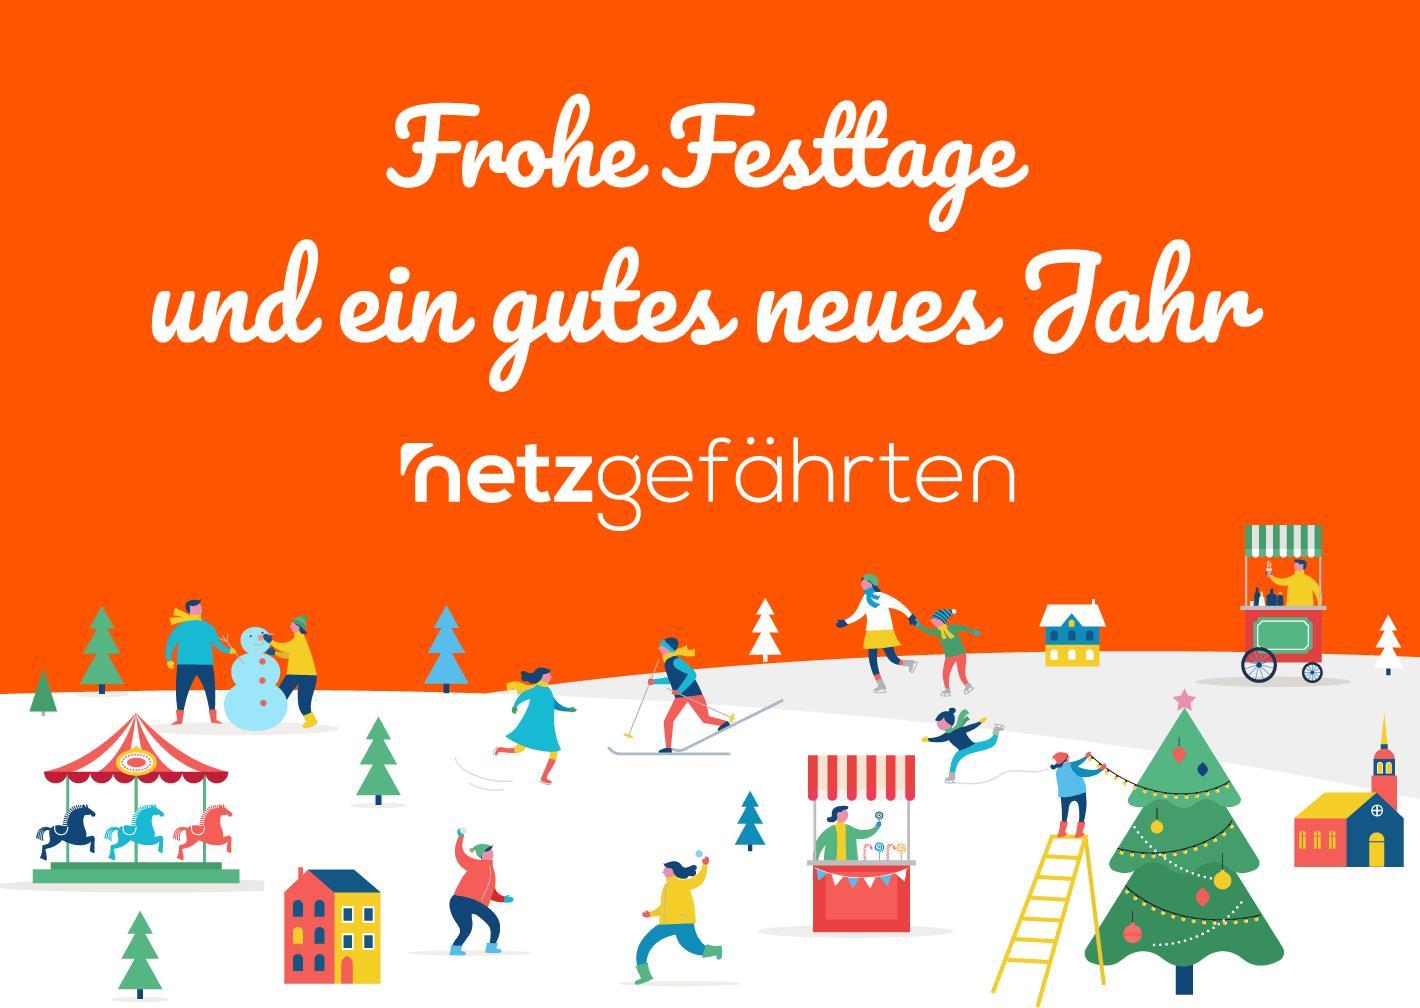 Frohe Weihnachten An Kollegen.Die Netzgefährten Wünschen Frohe Weihnachten Und Einen Guten Rutsch